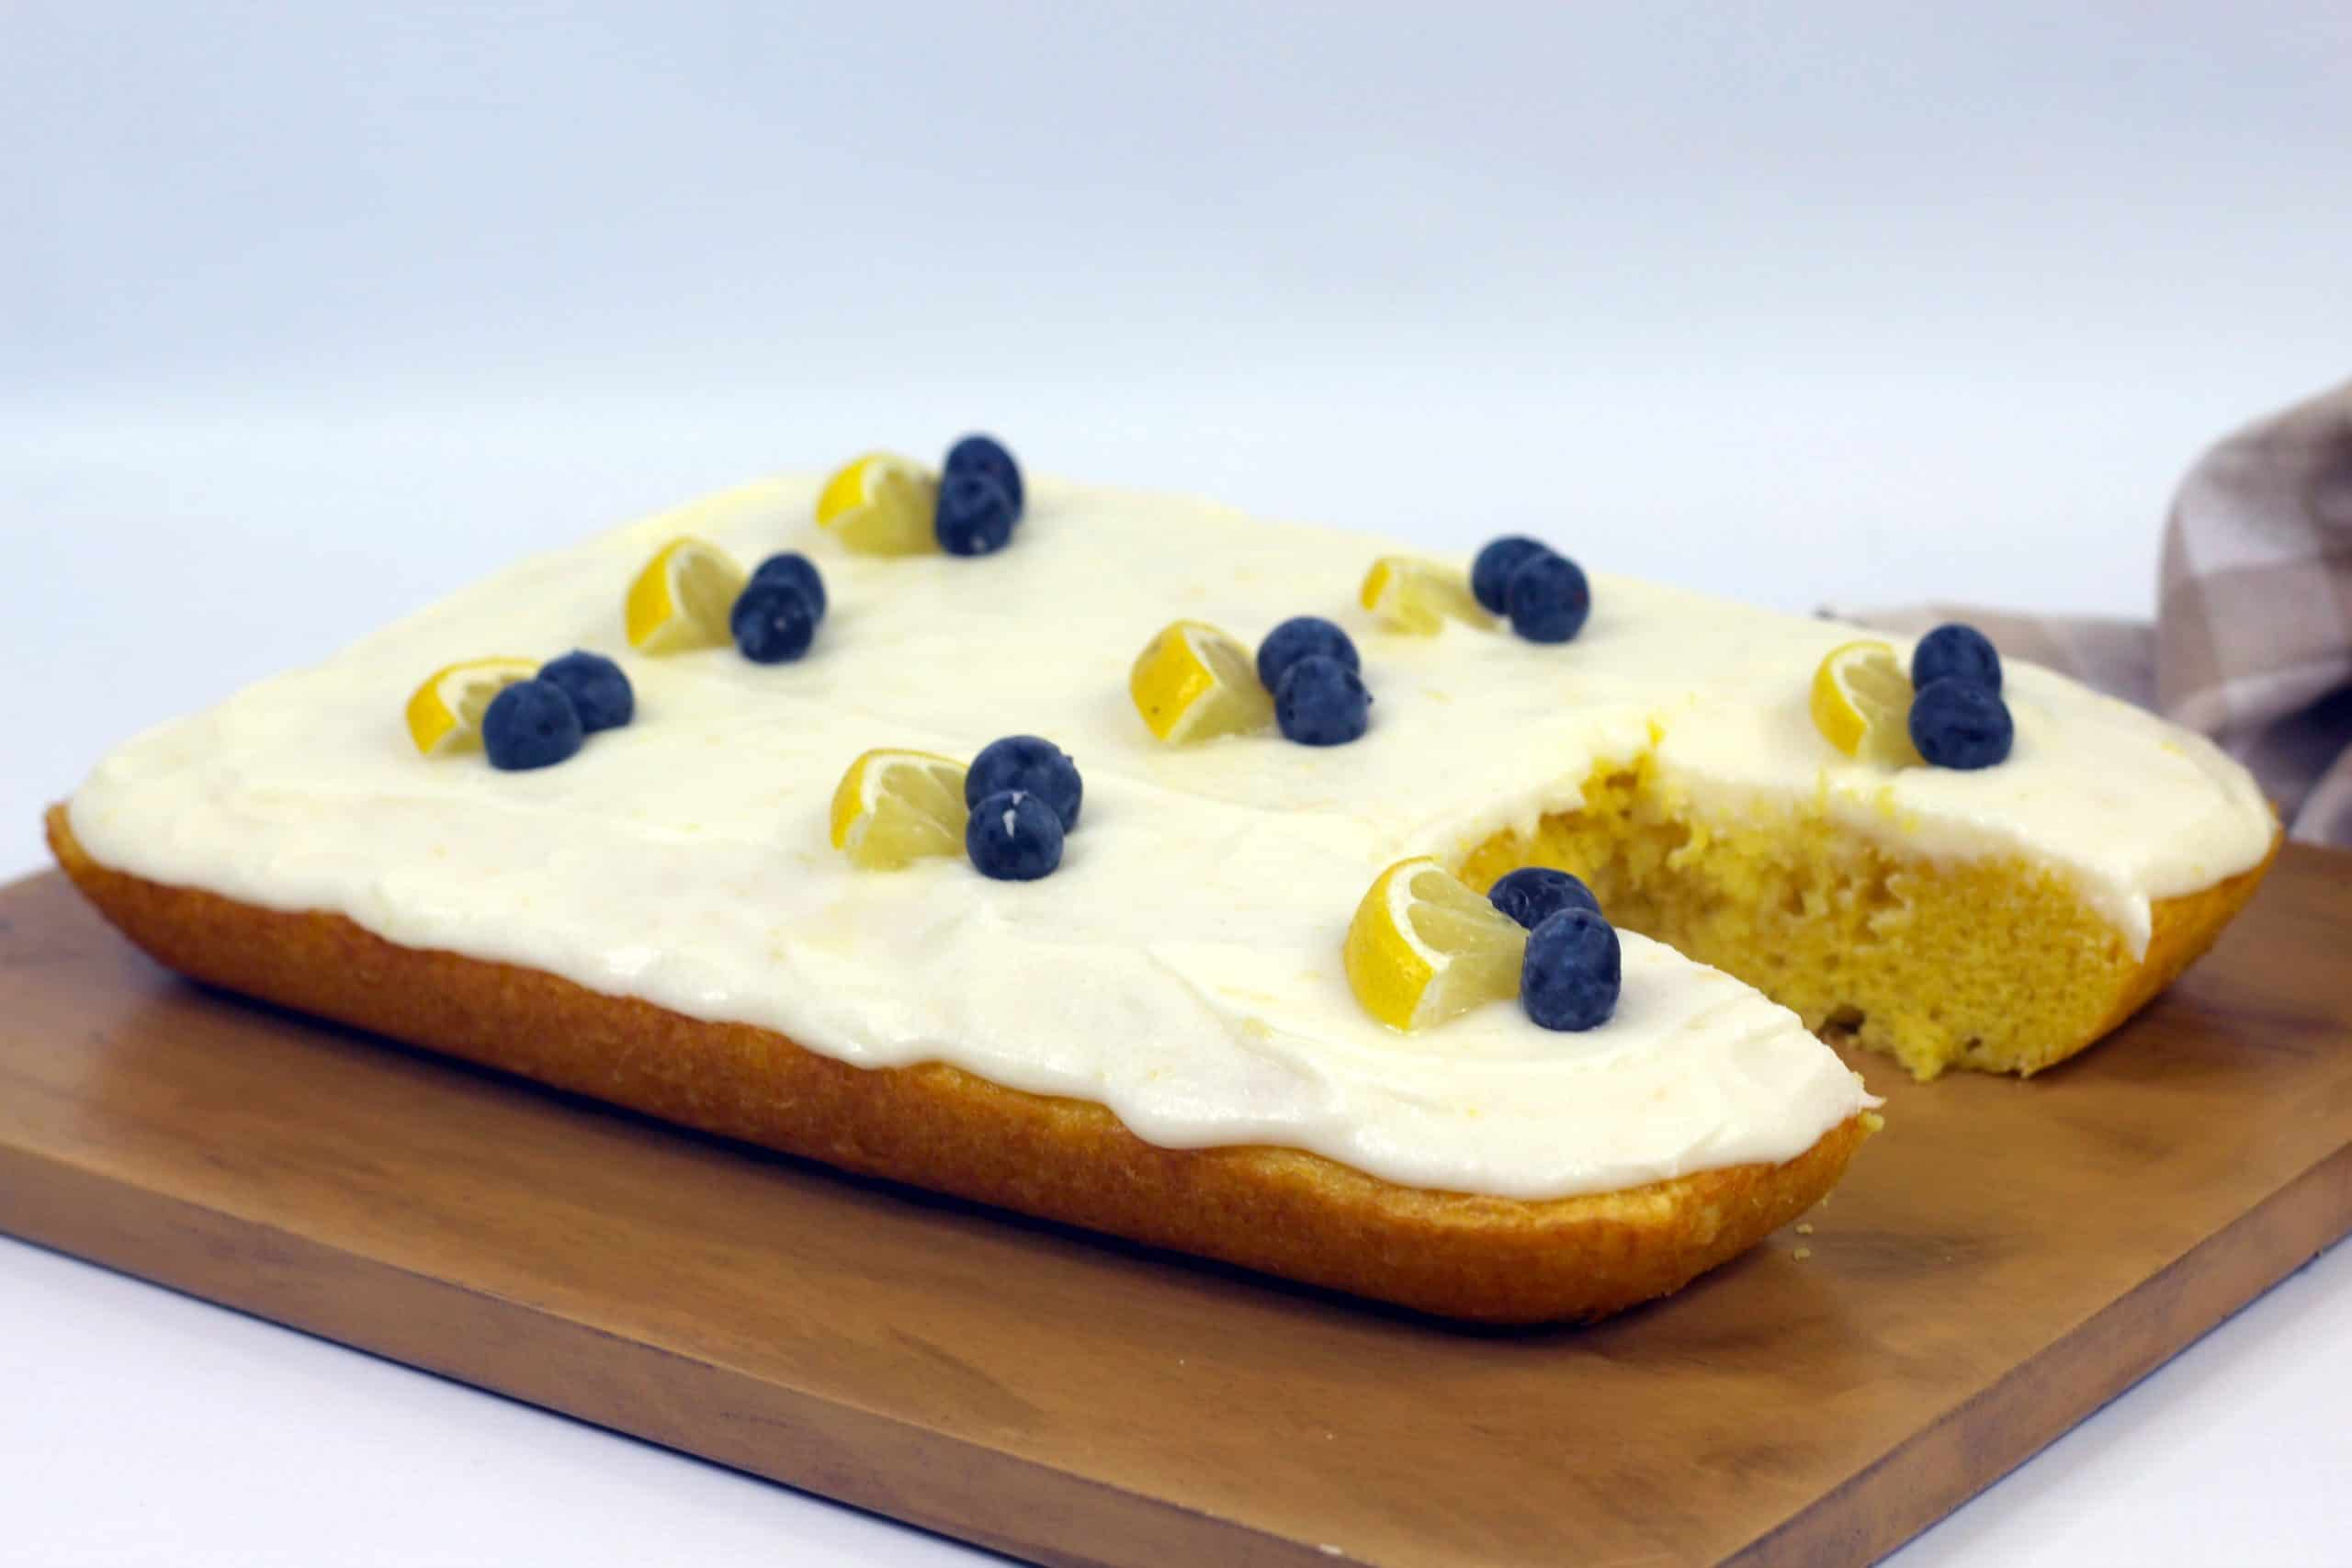 lemon sheet cake ready to eat